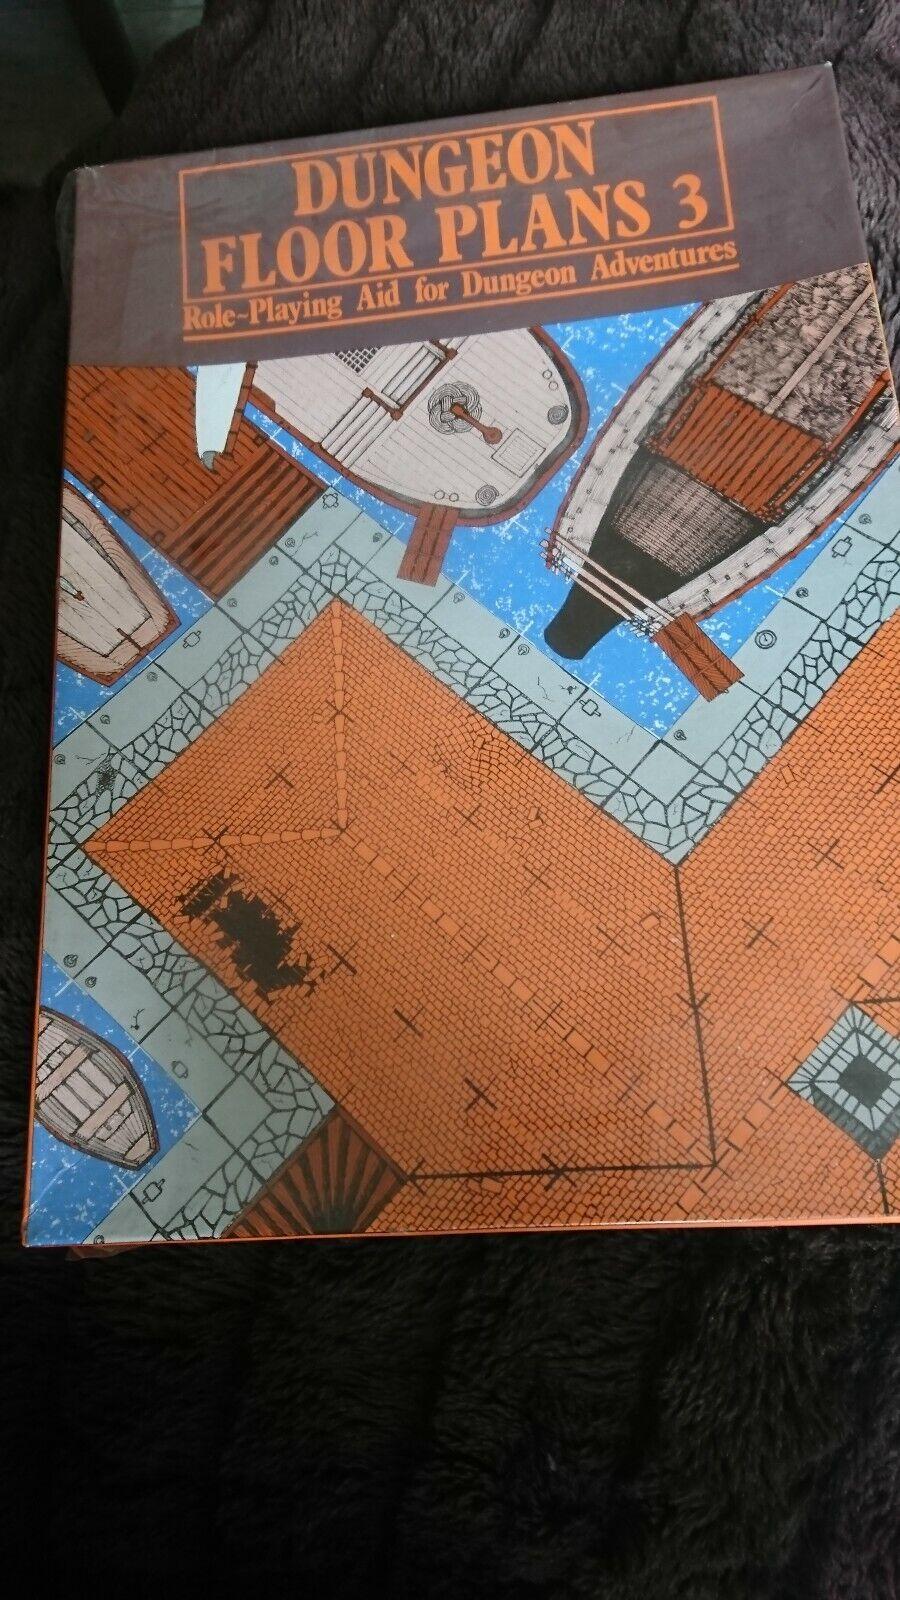 Games Workshop 1983 Dungeon Floor Plans  3 nouveau and sealed  nous prenons les clients comme notre dieu